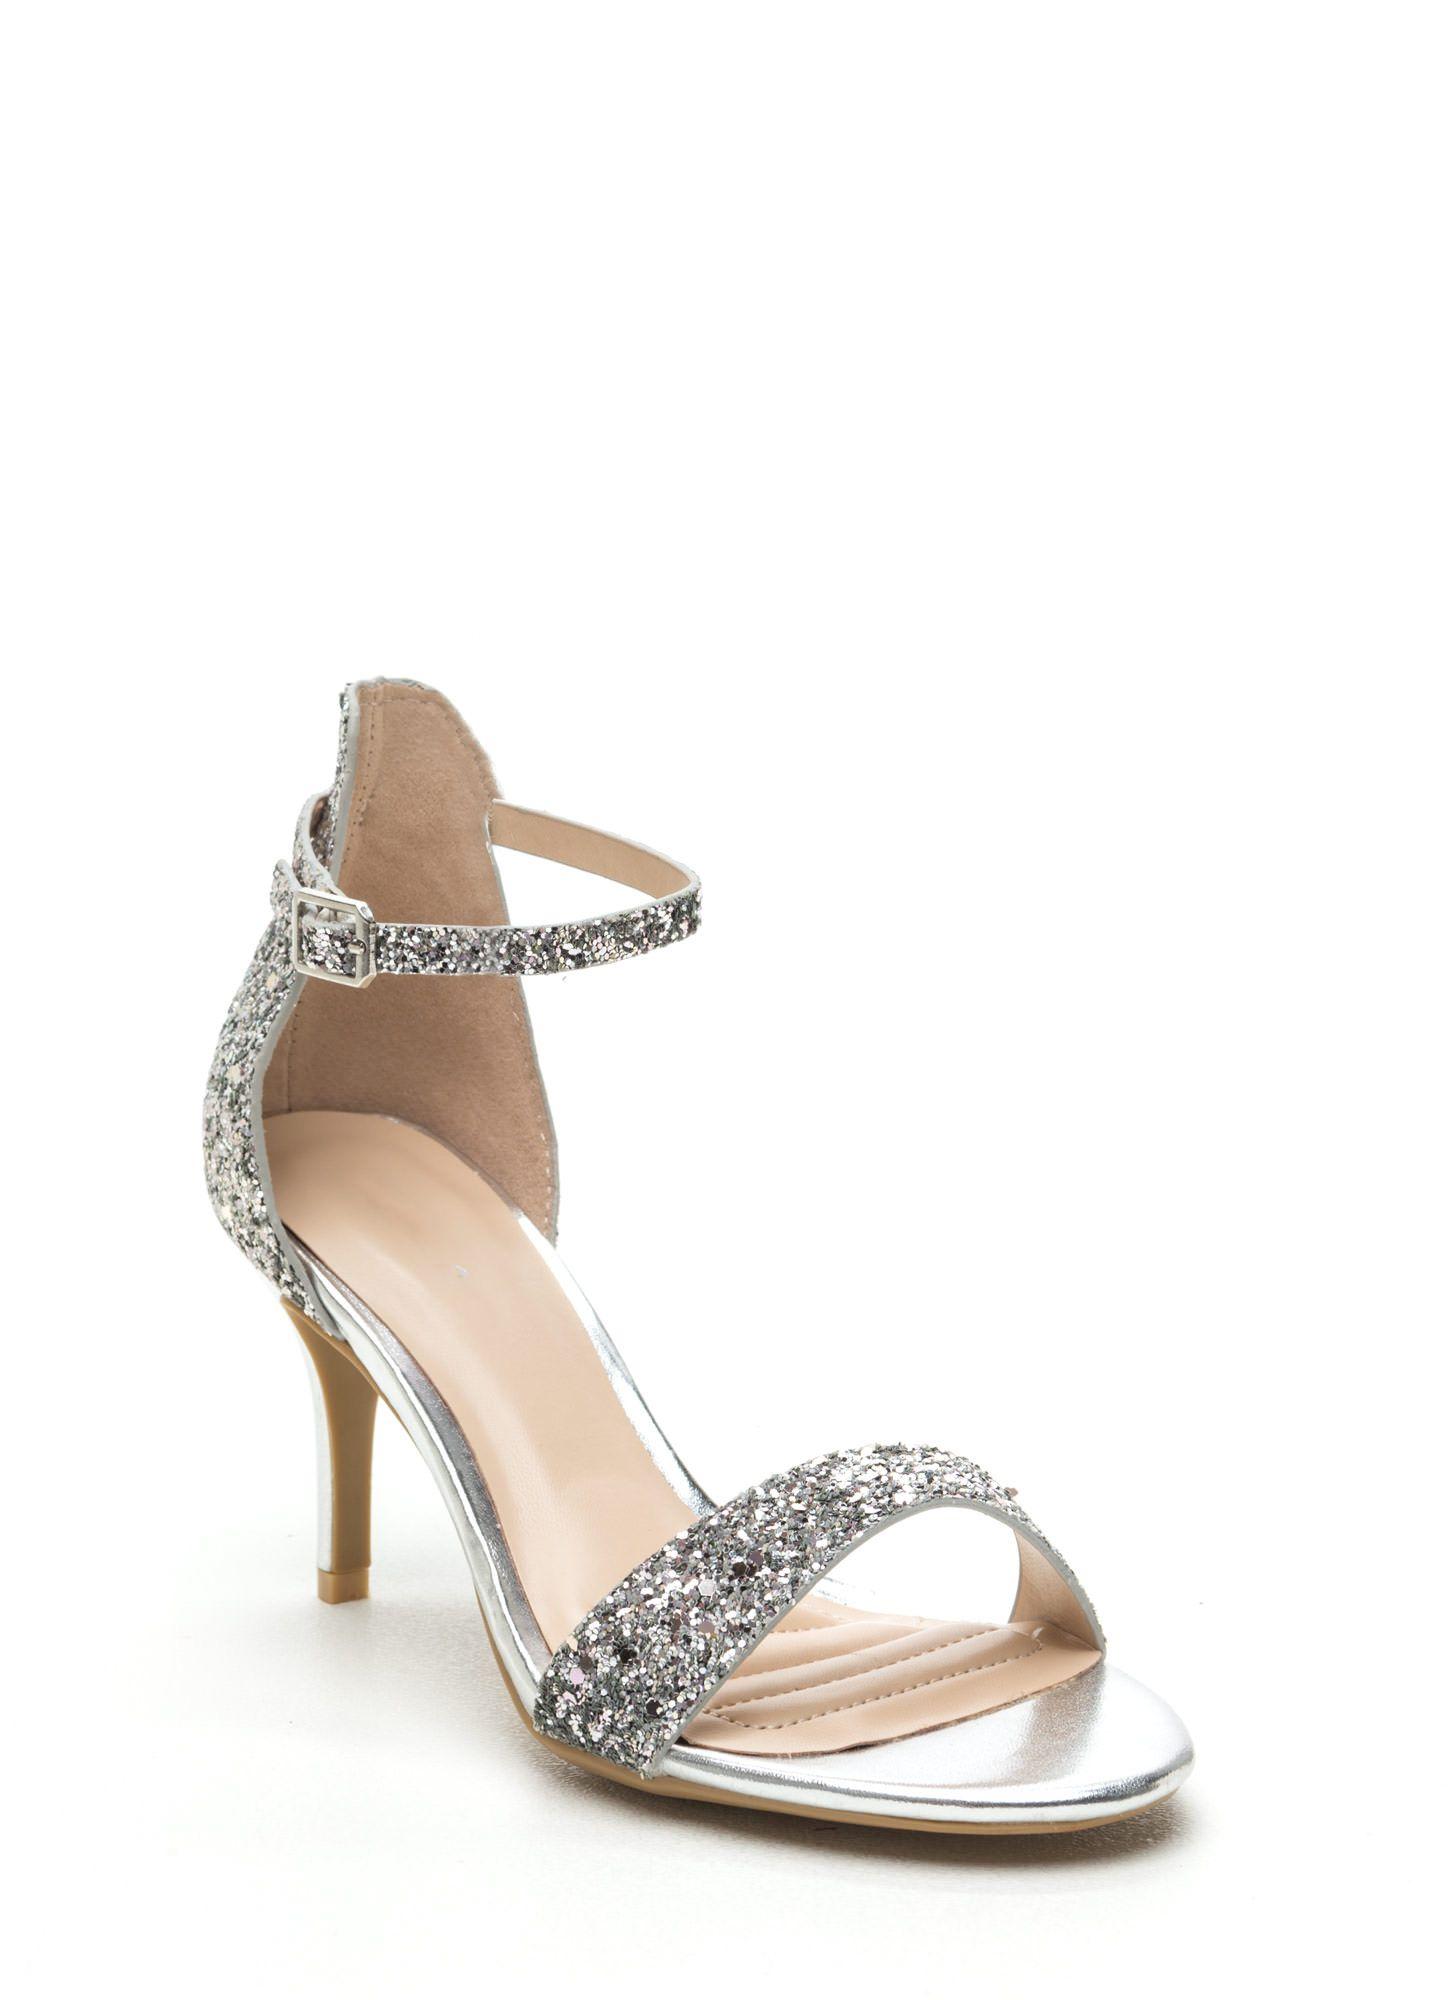 f6e11c073630 Glitterbug Short Strappy Heels SILVER